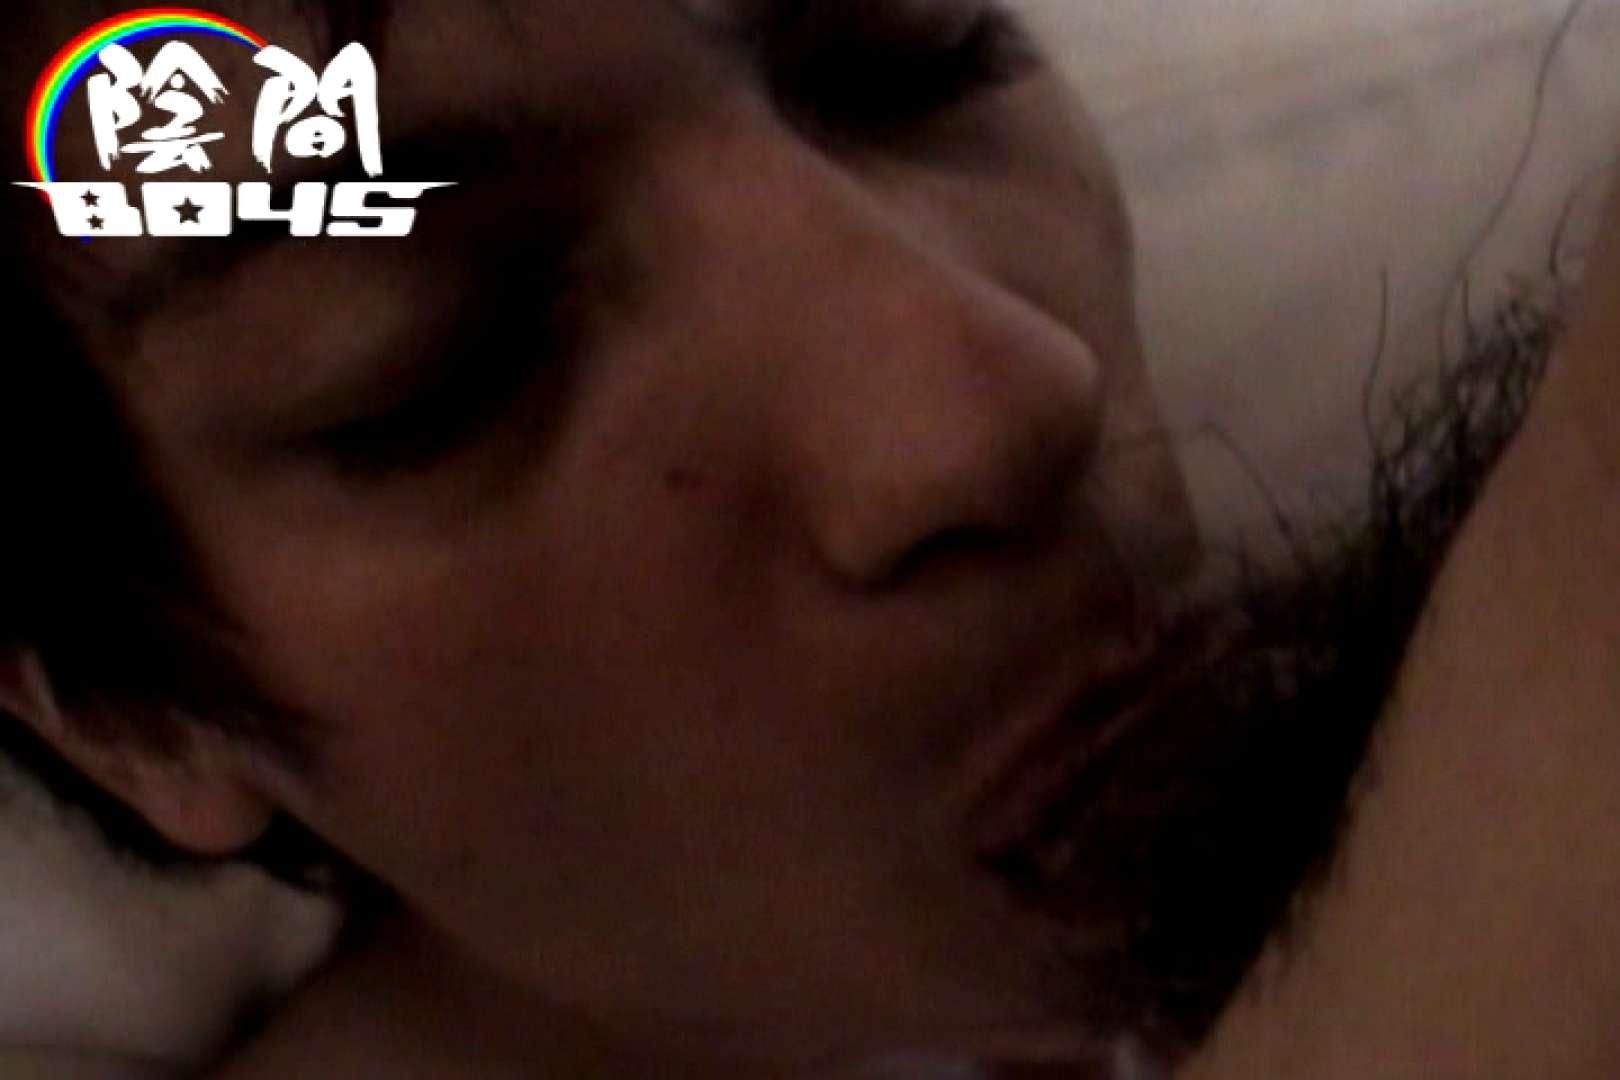 陰間BOYS~Mixed Hot-Guy~03 エロすぎる映像 ゲイ丸見え画像 52画像 3